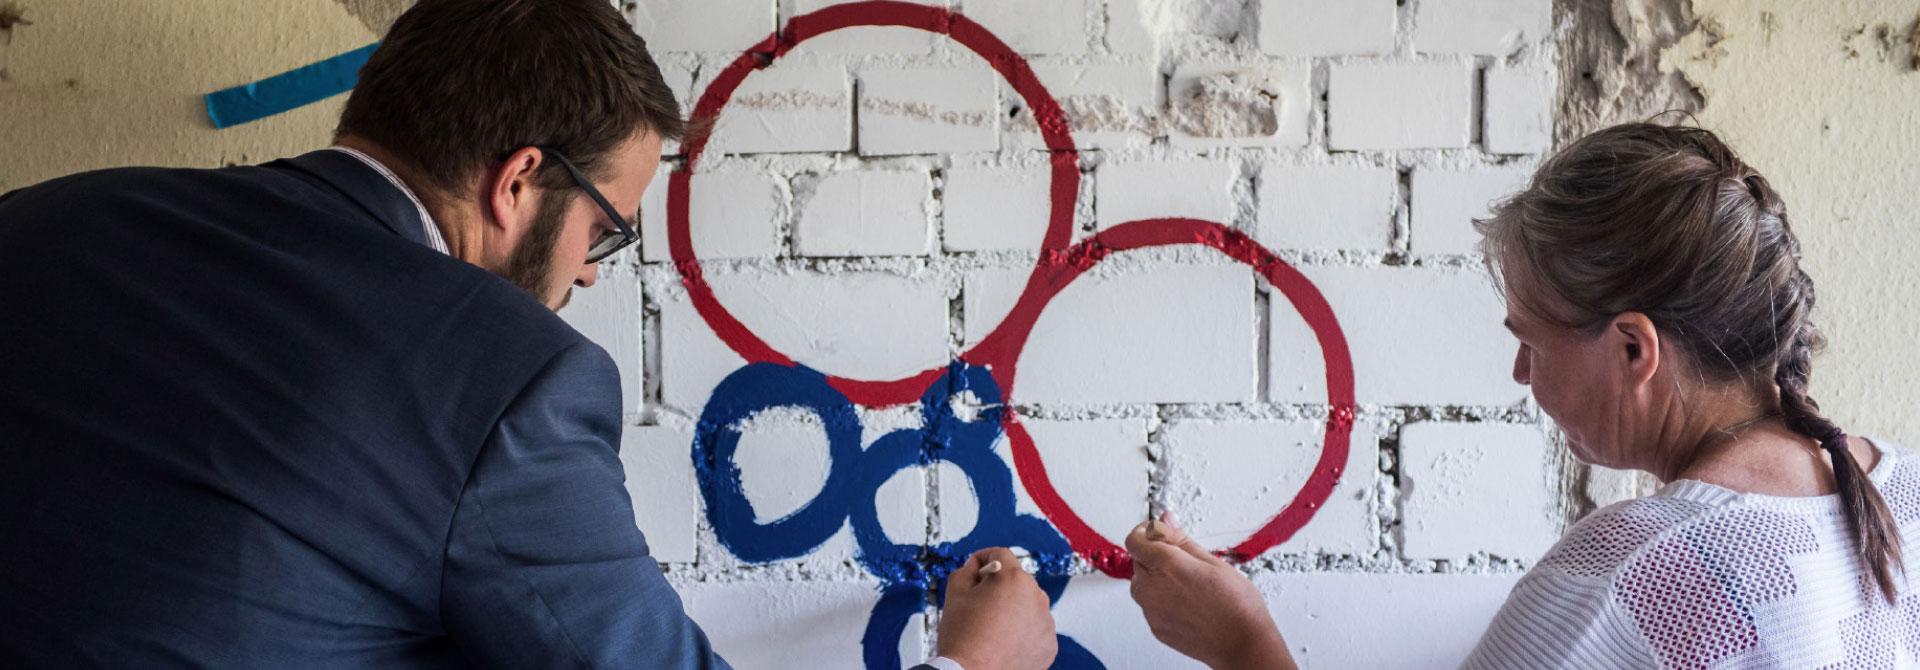 Headerbild: 2 Personen - ein Mann und eine Frau - malen mit Farbe und Pinsel das Interreg Logo an eine Mauerwand.